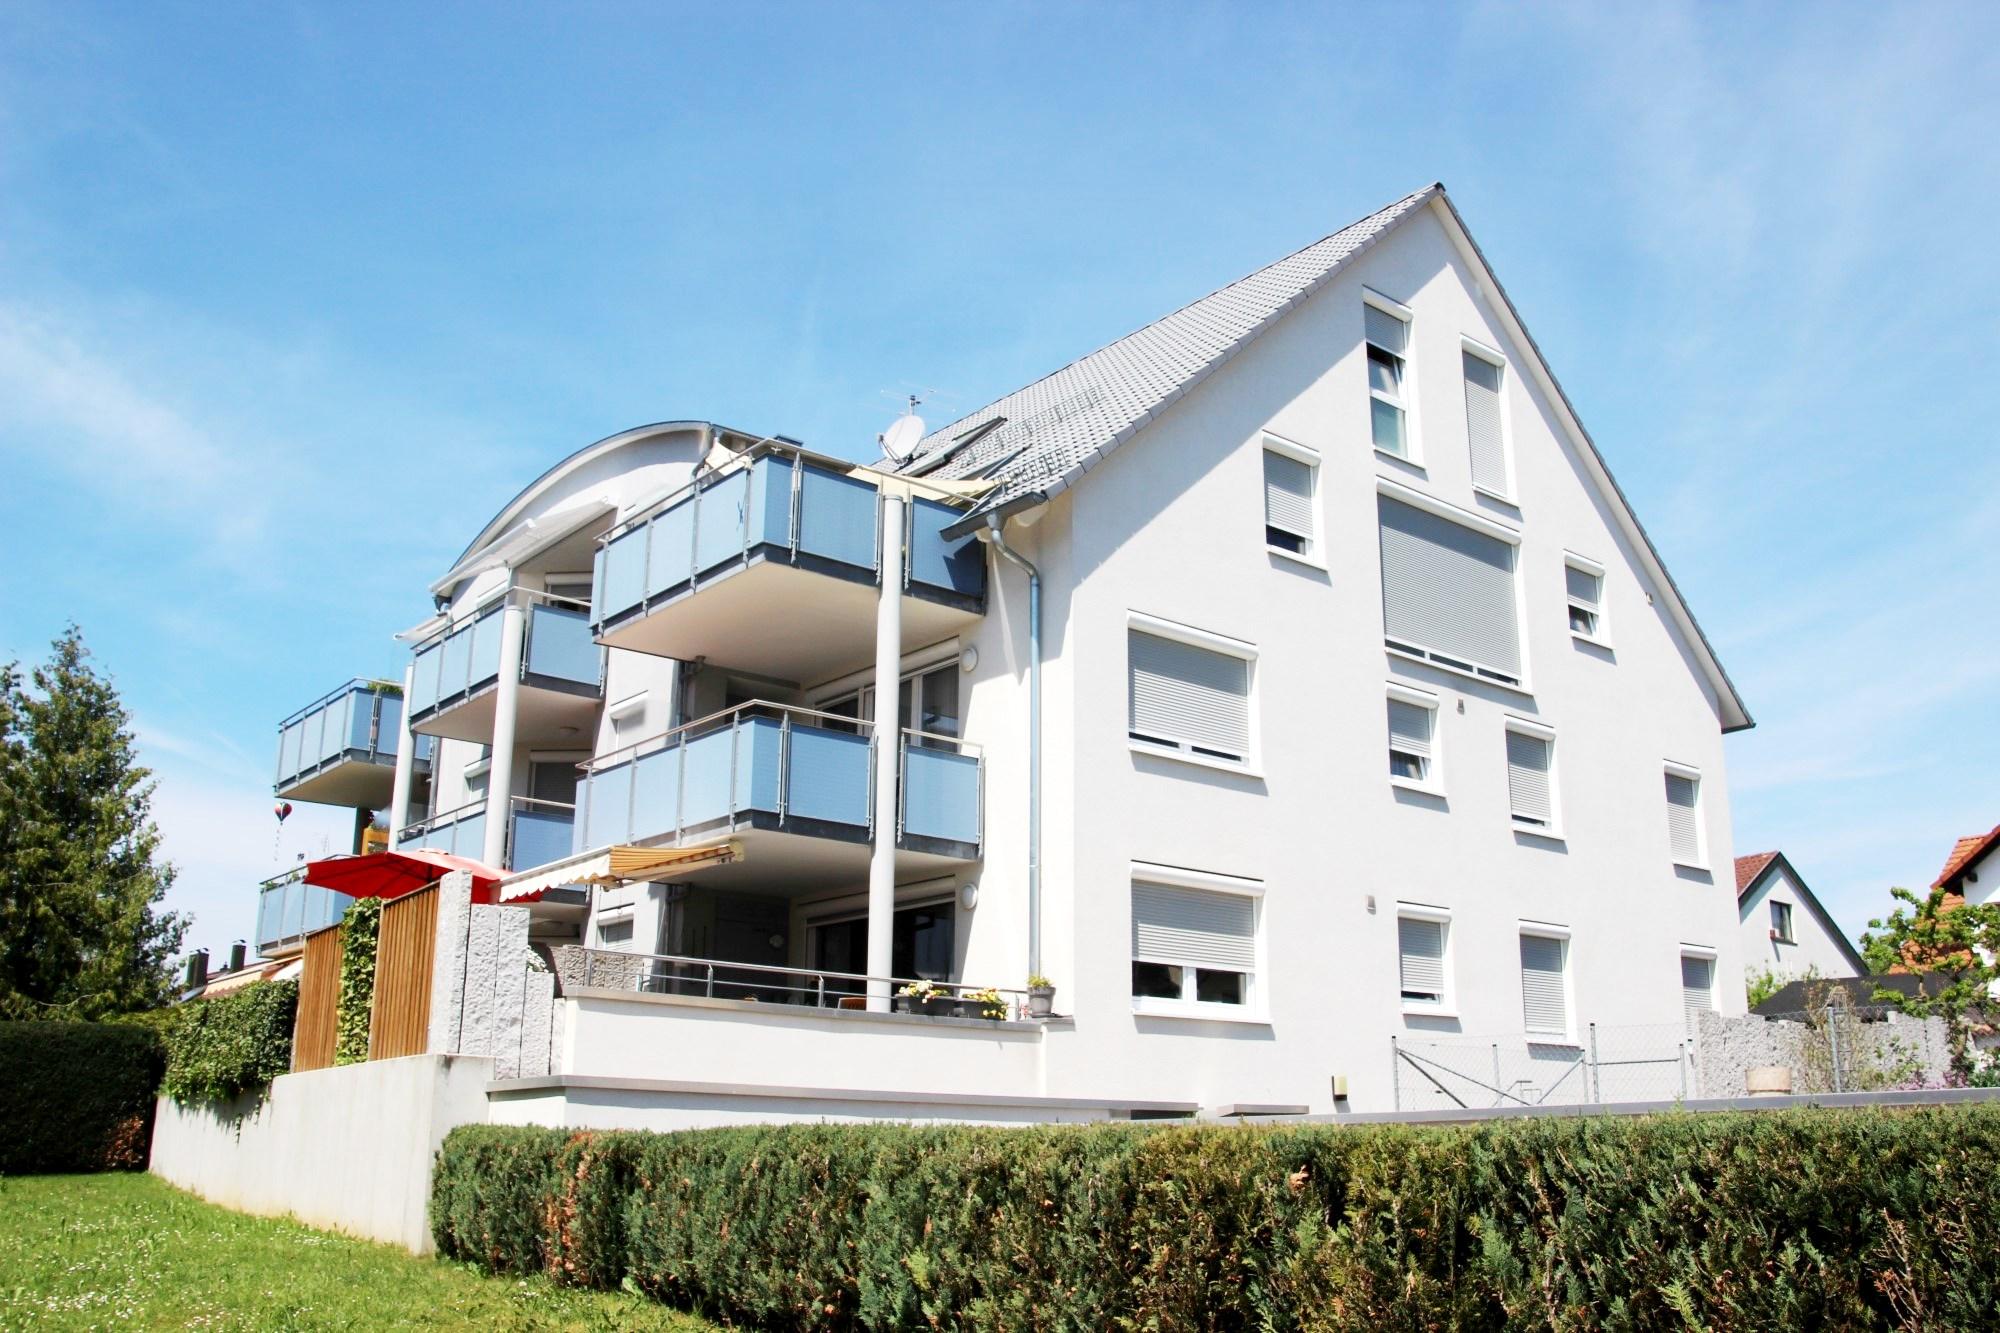 2010 | 9-Familienhaus Neue Stuttgarter Straße in Magstadt, Architekt Dipl.Ing. U. Gehrer